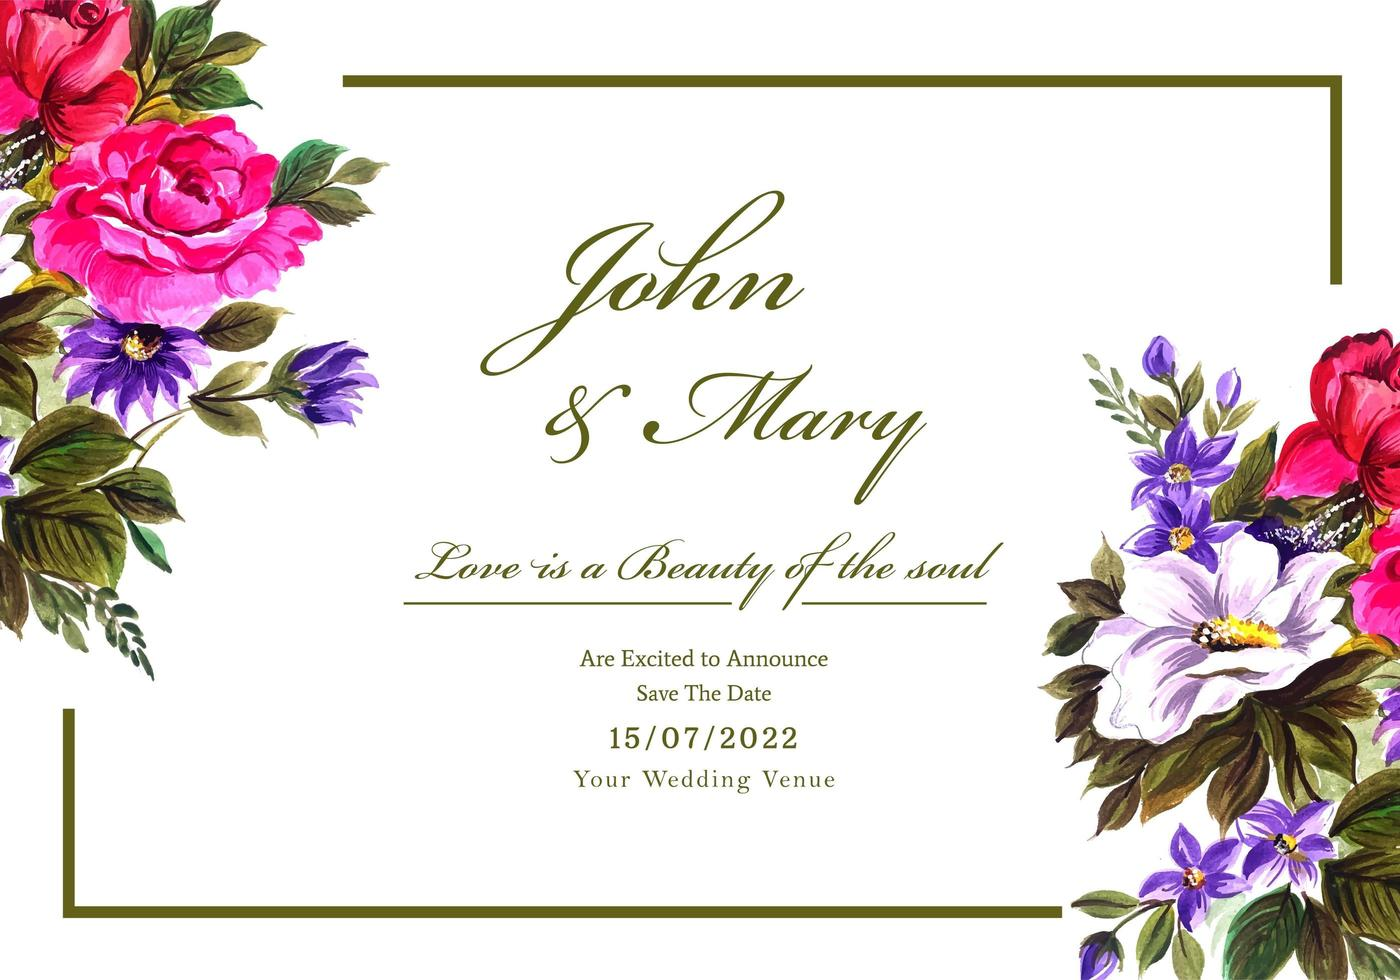 invito a nozze romantico con fiori colorati vettore